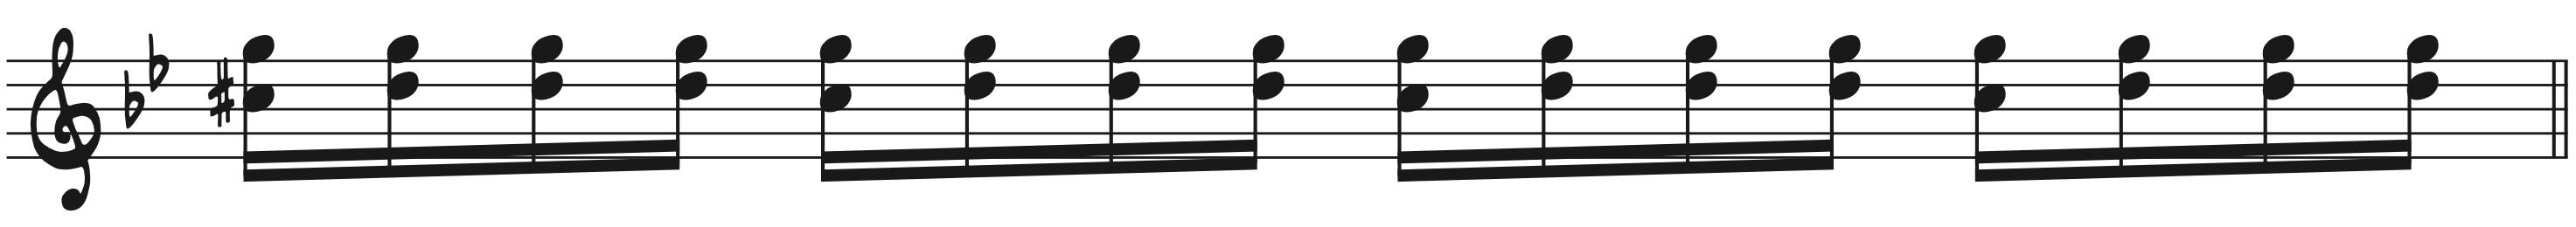 16th Note Rock Piano Improv